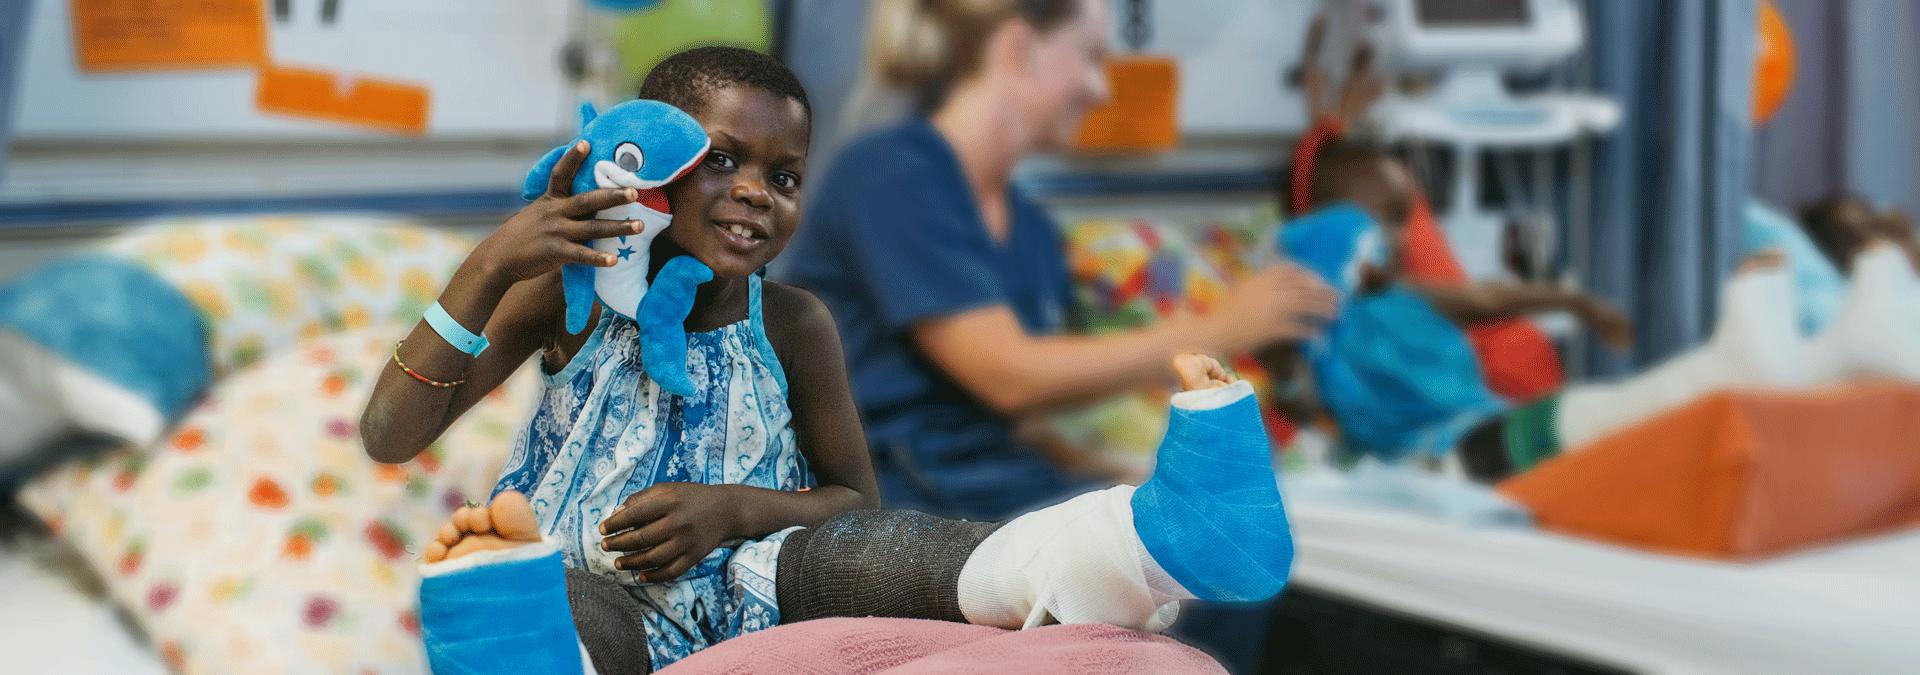 Patient Diacko gebogene Beine im Krankenzimmer